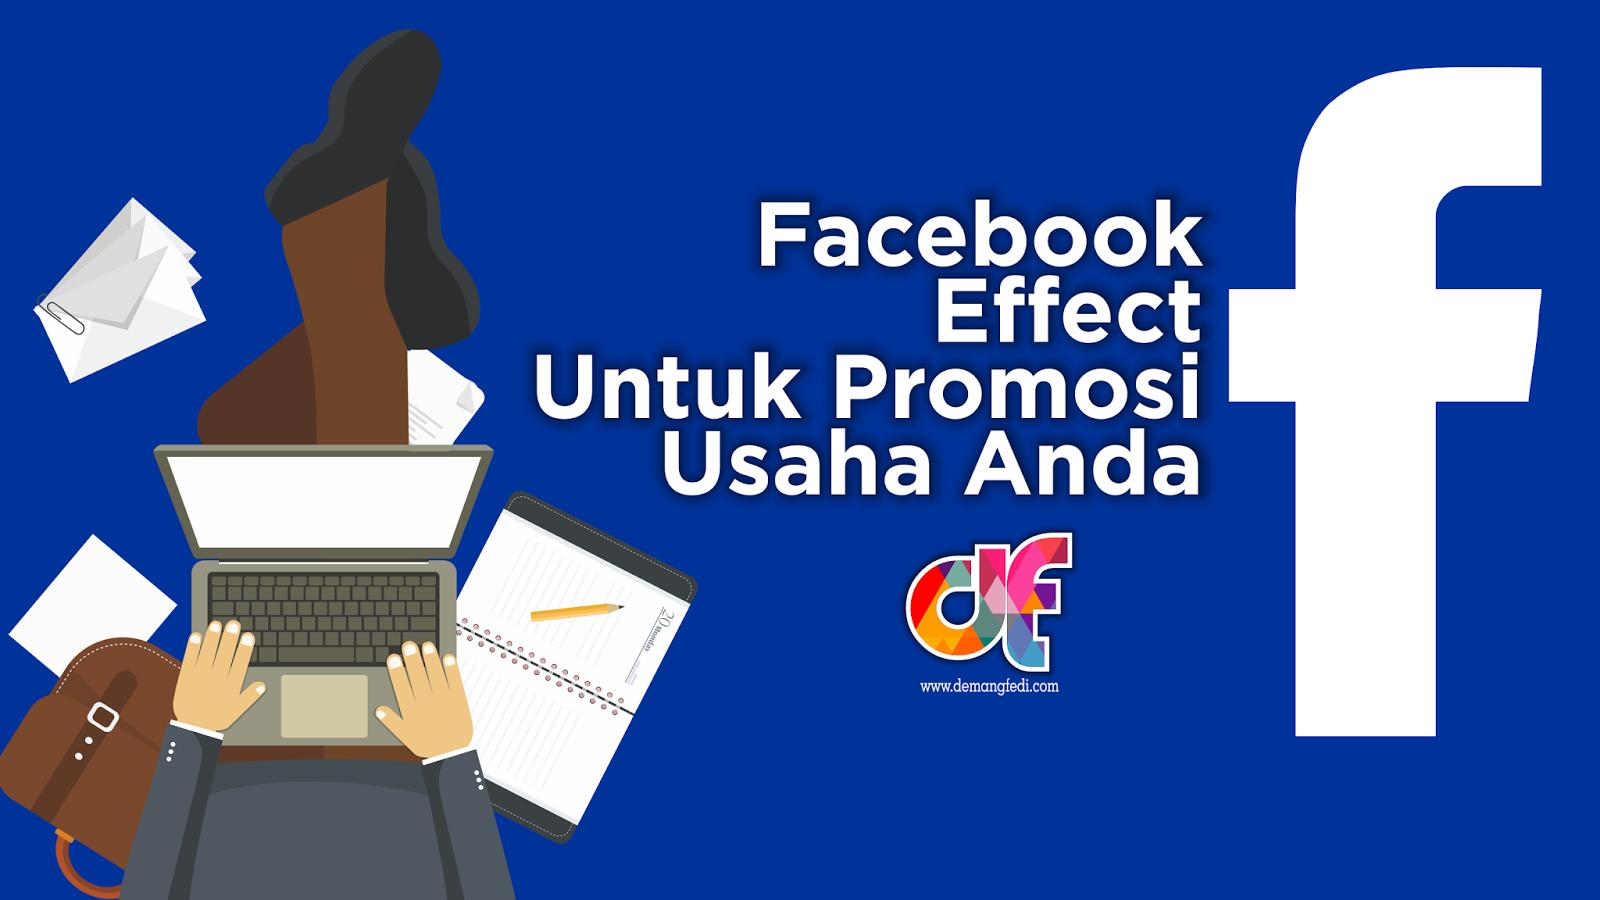 Facebook Effect Untuk Promosi Usaha Anda